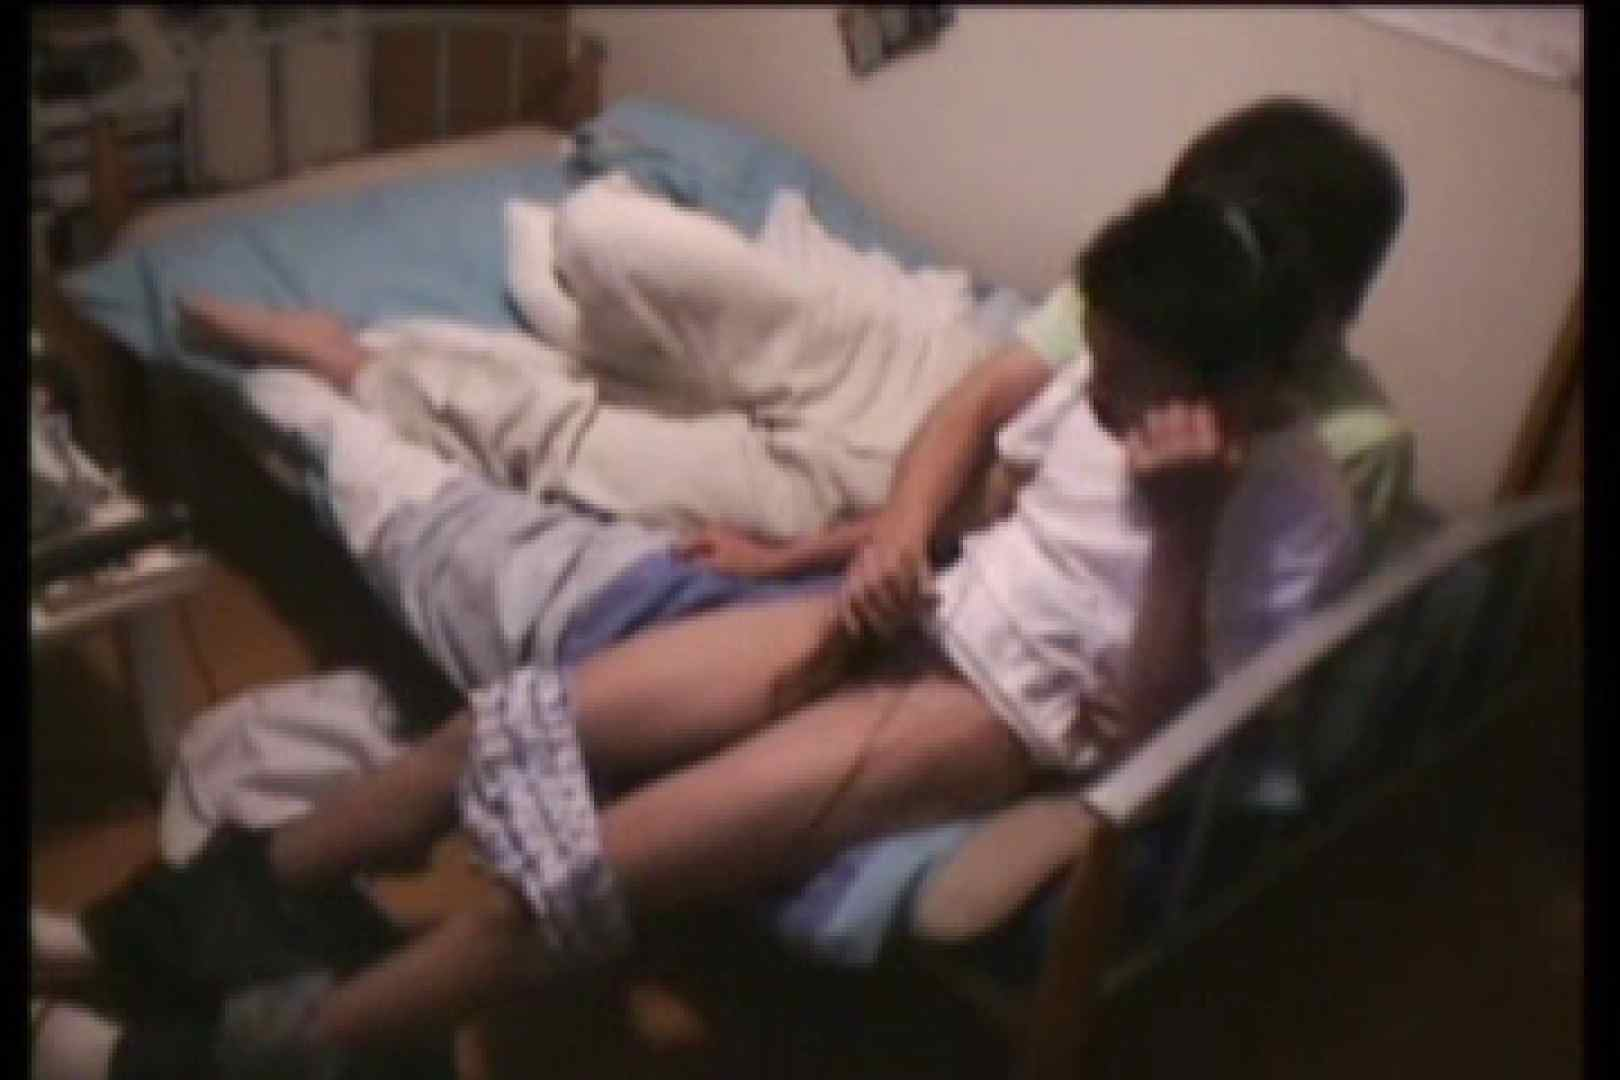 【実録投稿】友達覗撮In my room!! 射精  102pic 55